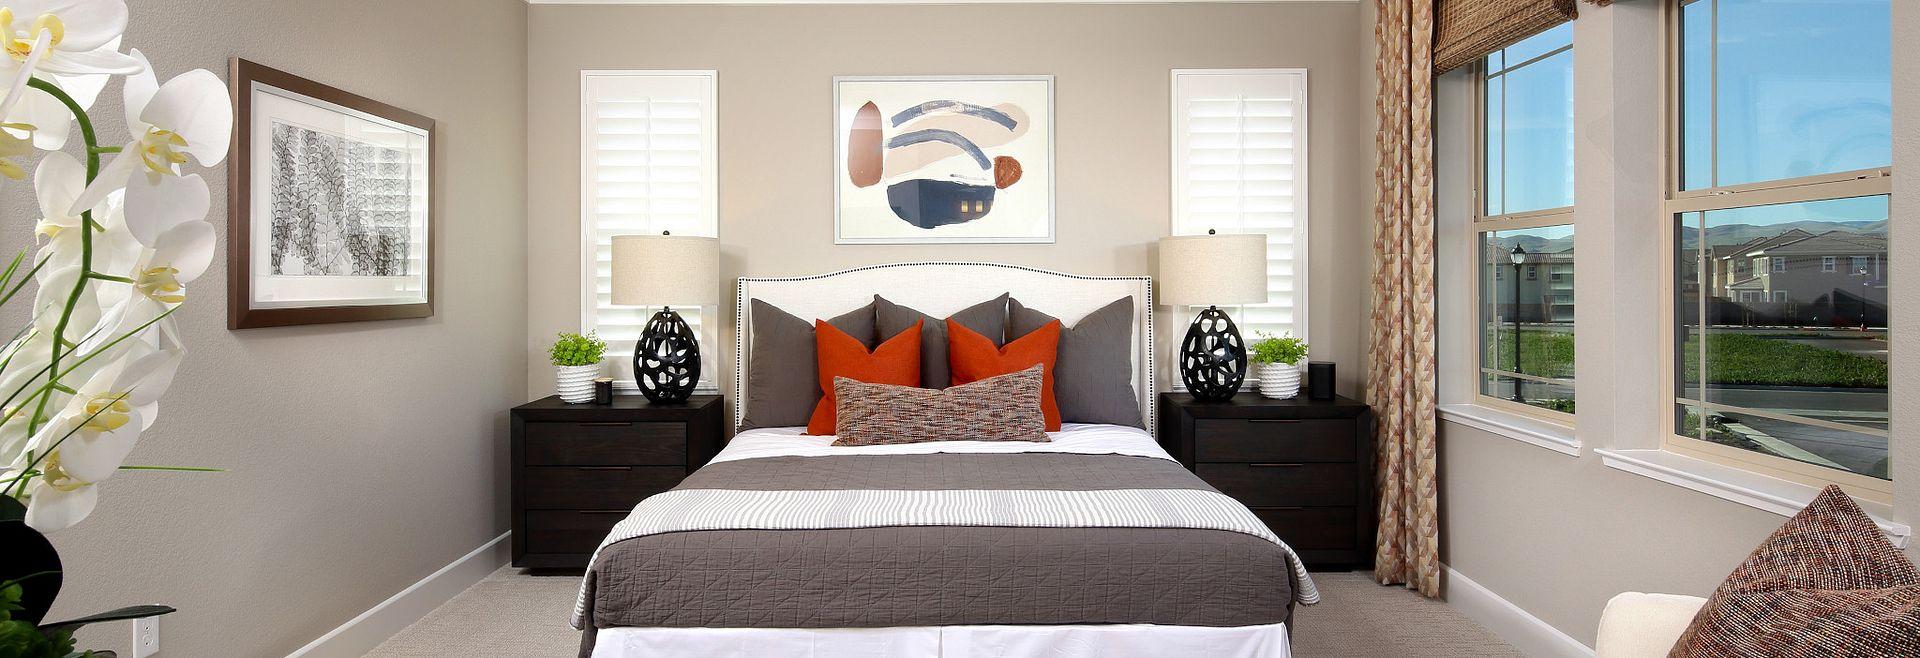 Plan 4 Master Bedroom